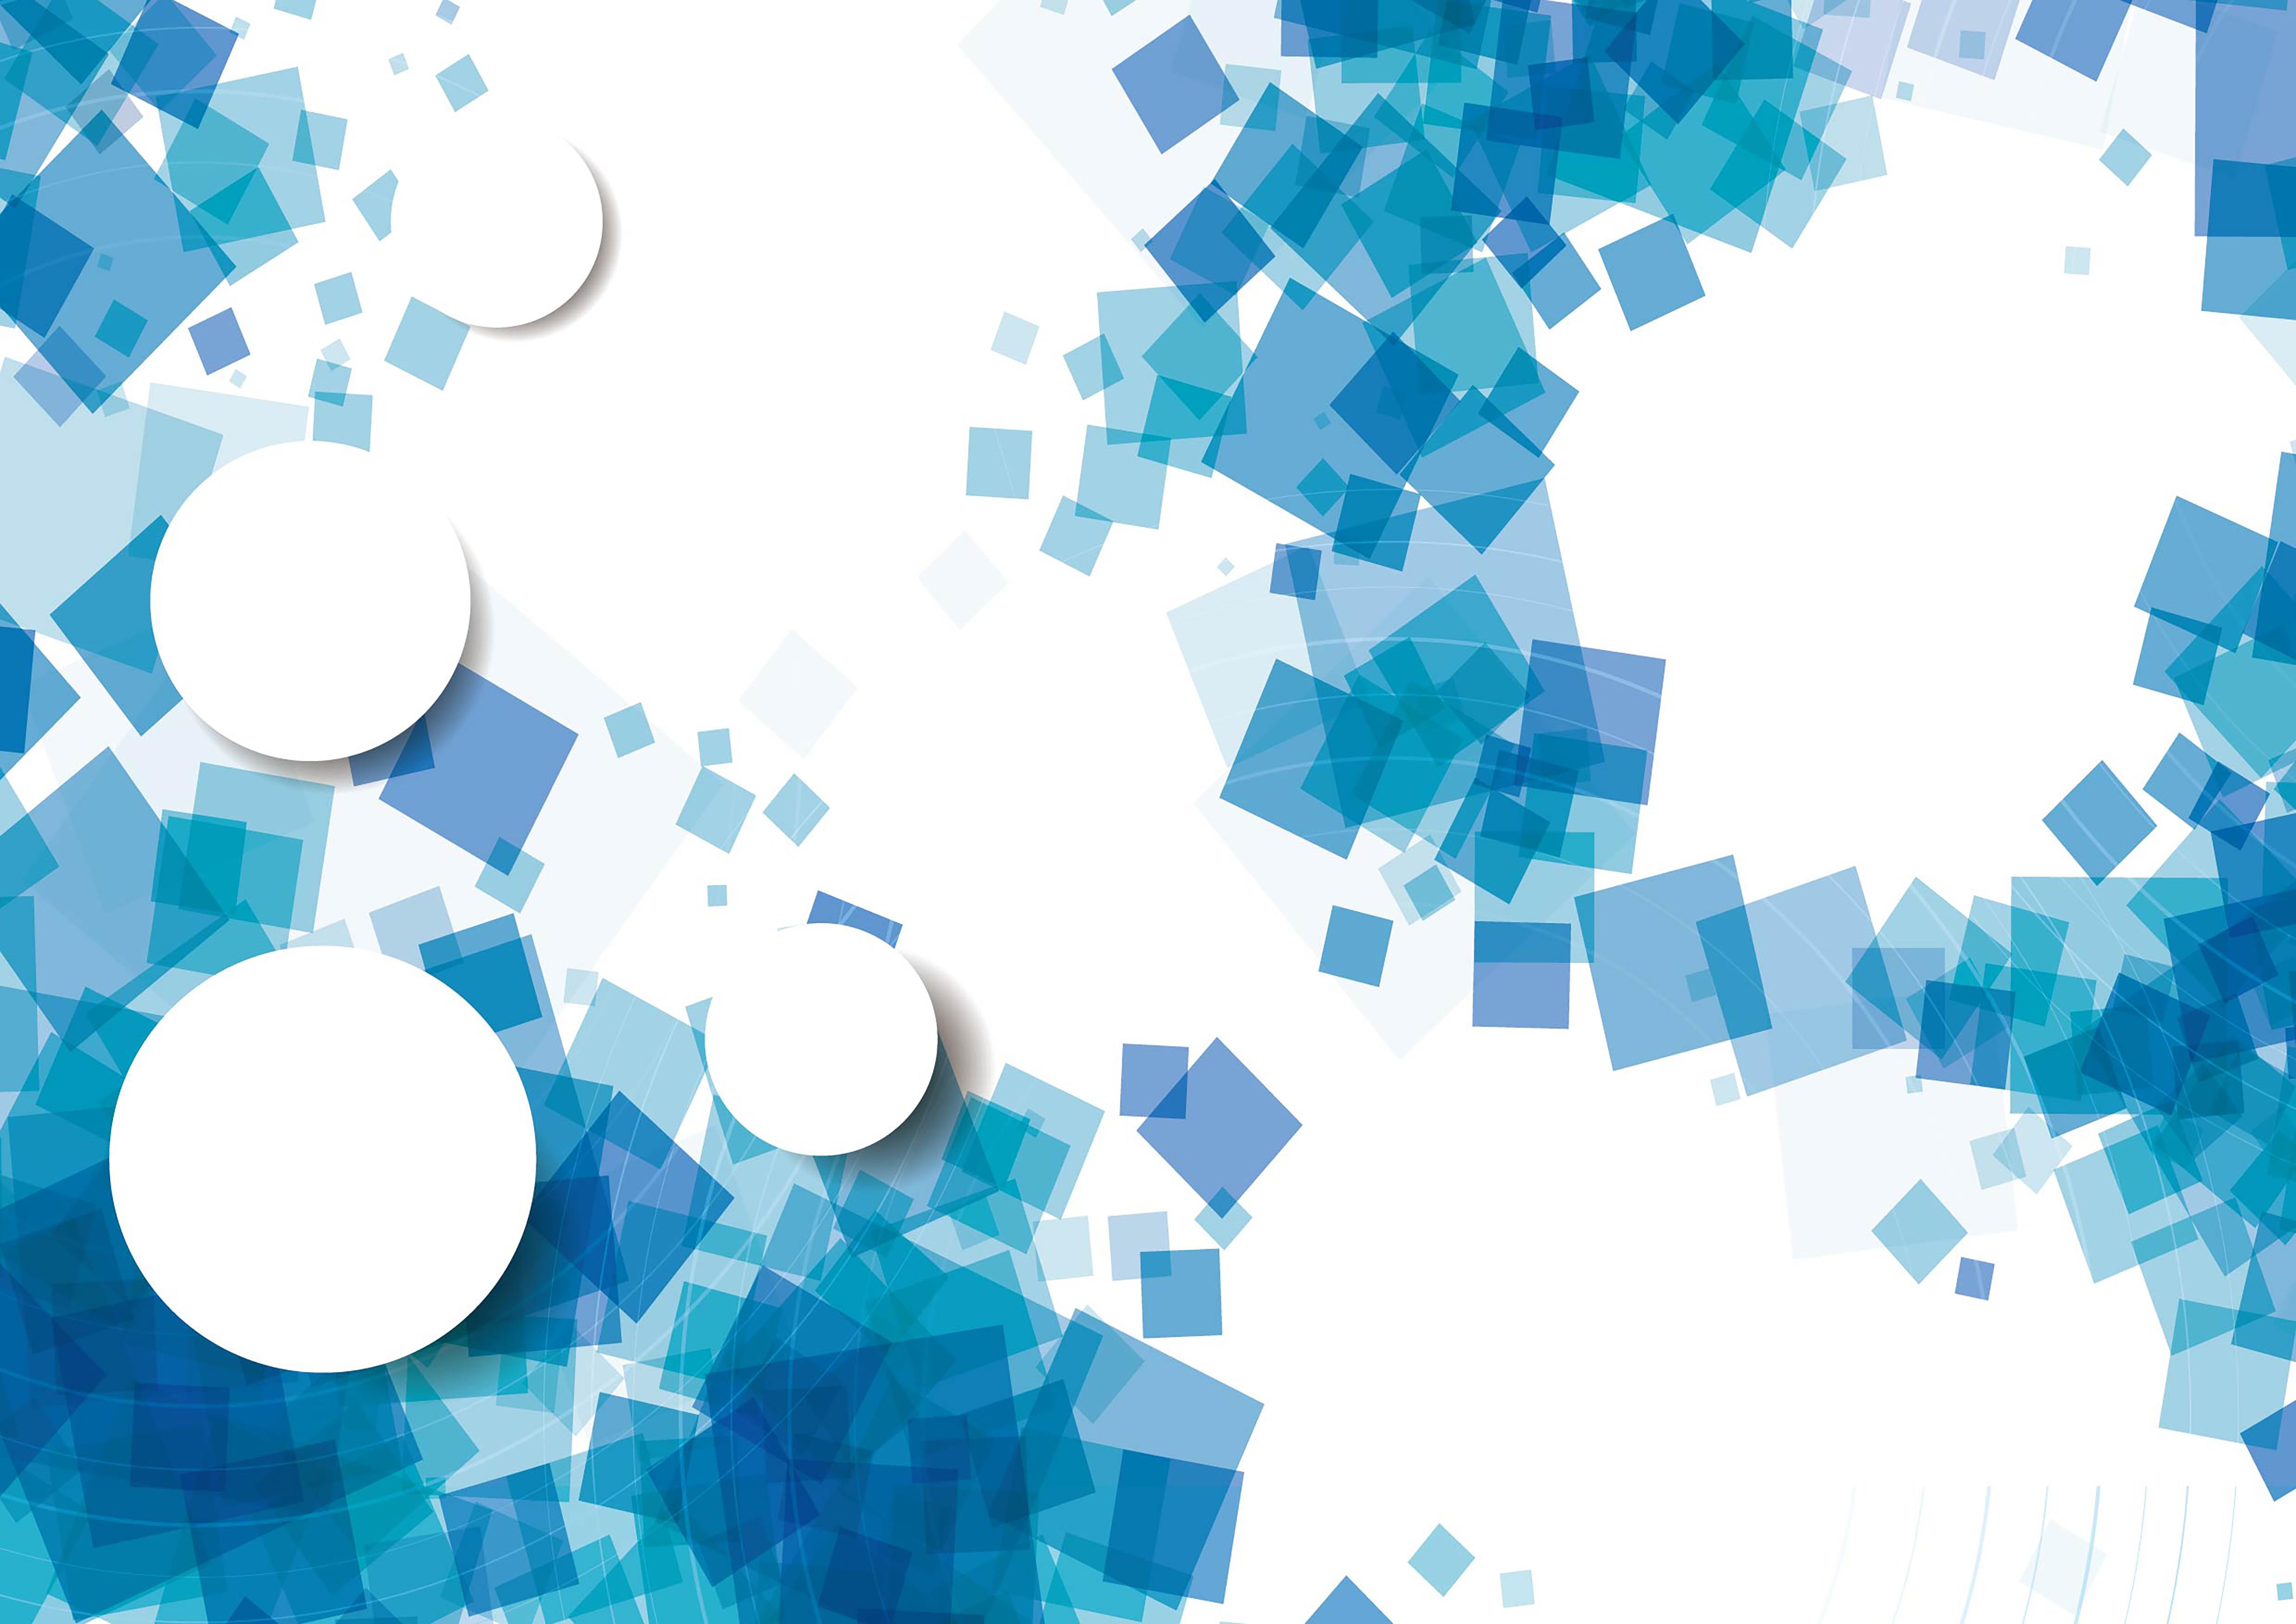 vecteur de fond bleu dans l abstrait g u00e9om u00e9trique p bleu